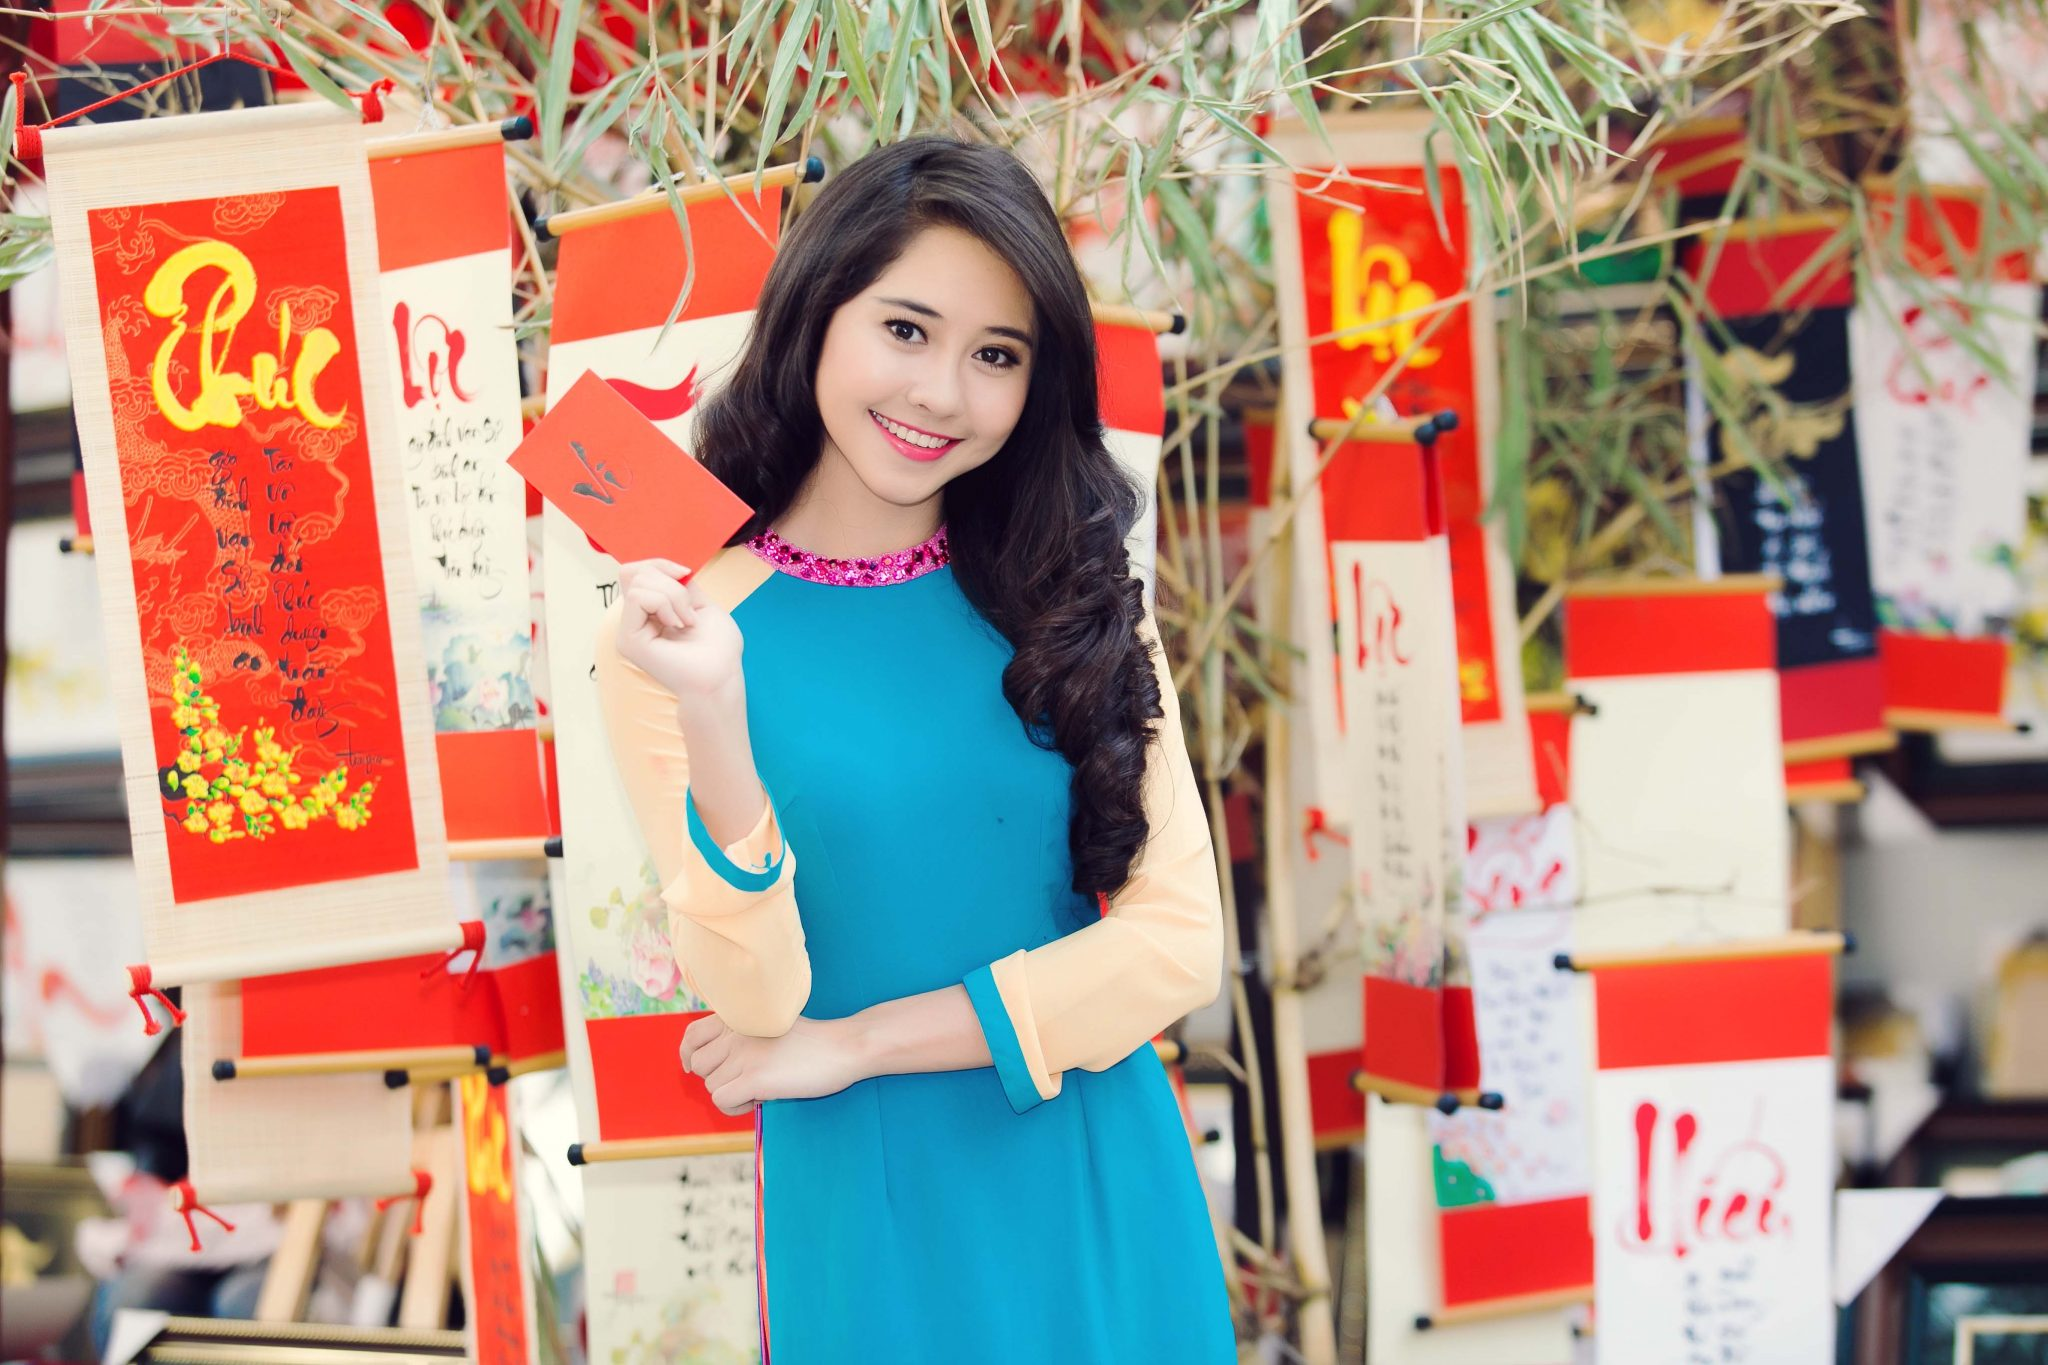 hinh-anh-my-nhan-viet-don-xuan-2016-hot-girl-viet-nam-mung-xuan-12